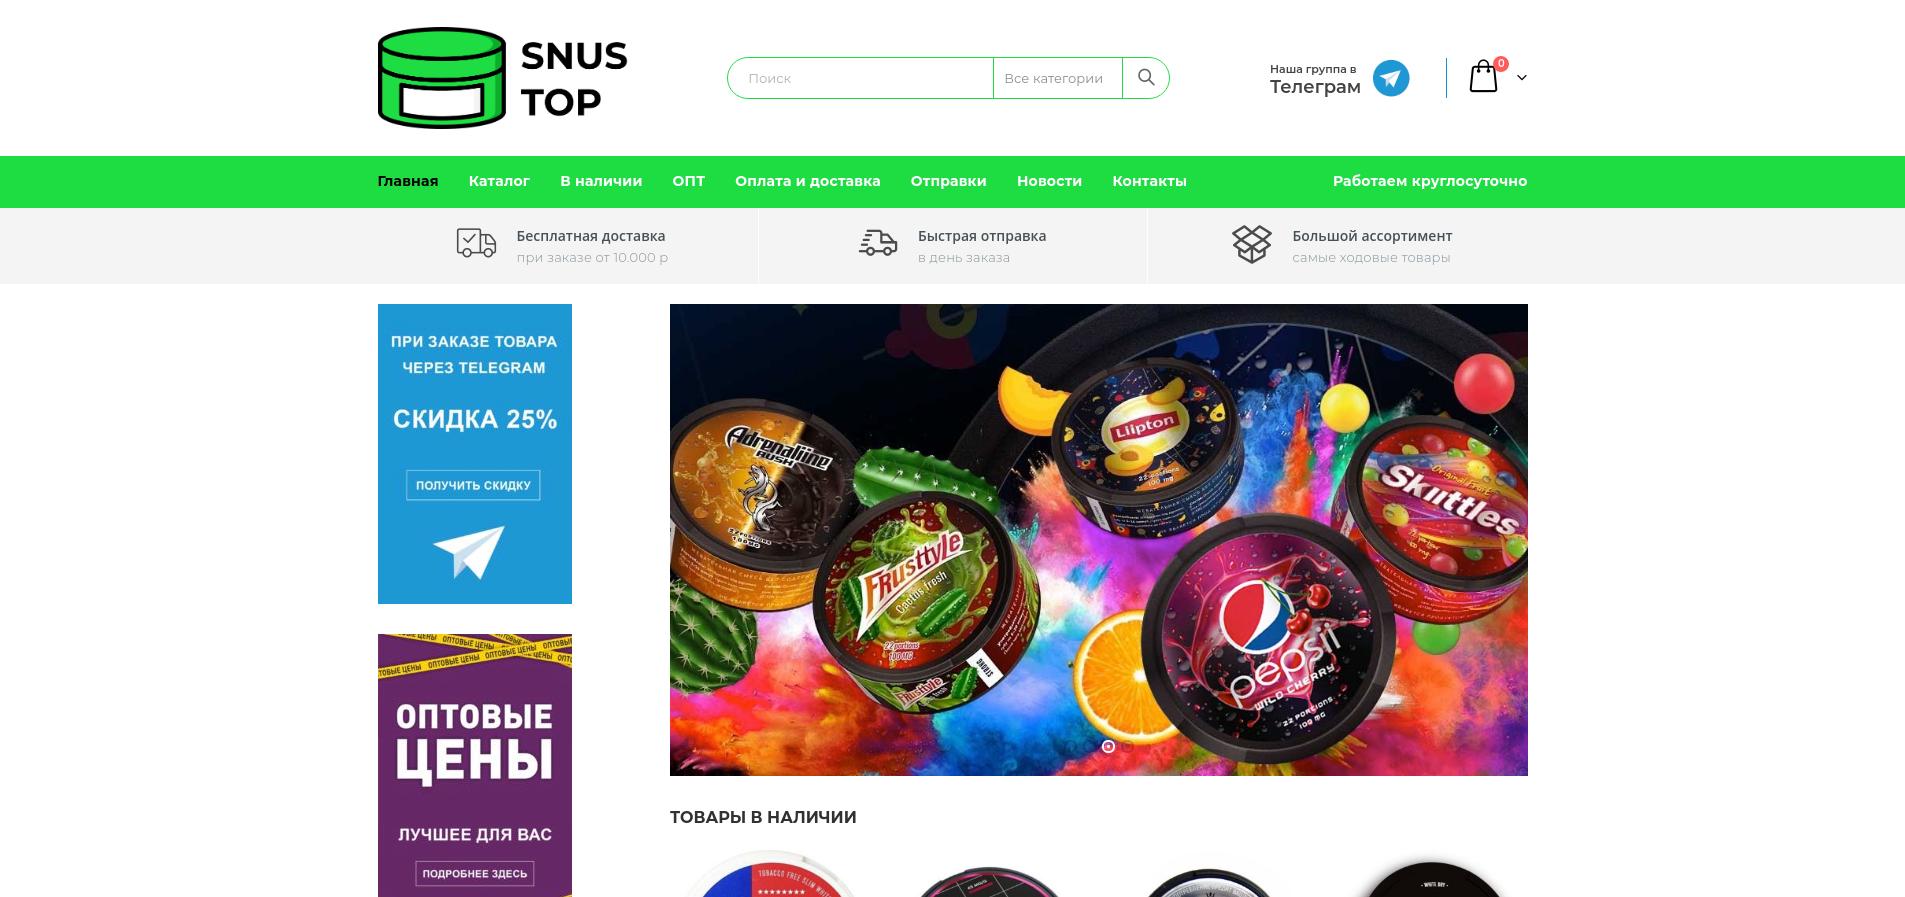 snus-top.ru